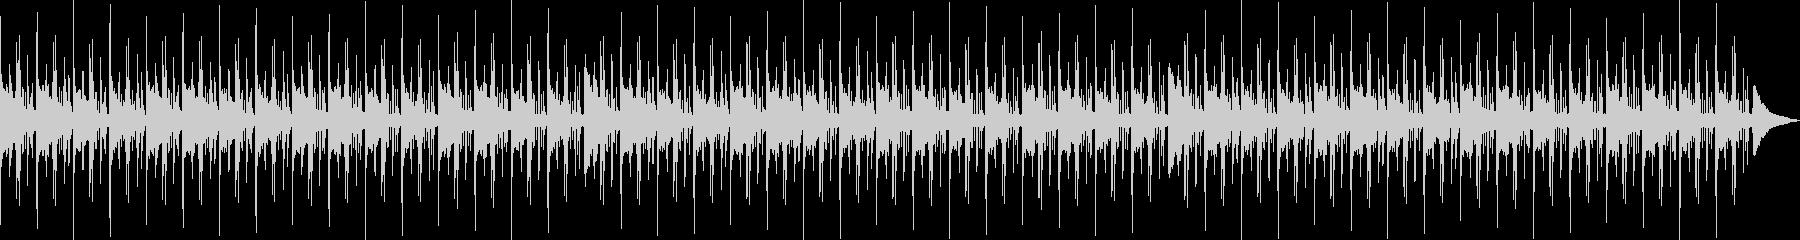 リラックス・ローファイヒップホップの未再生の波形